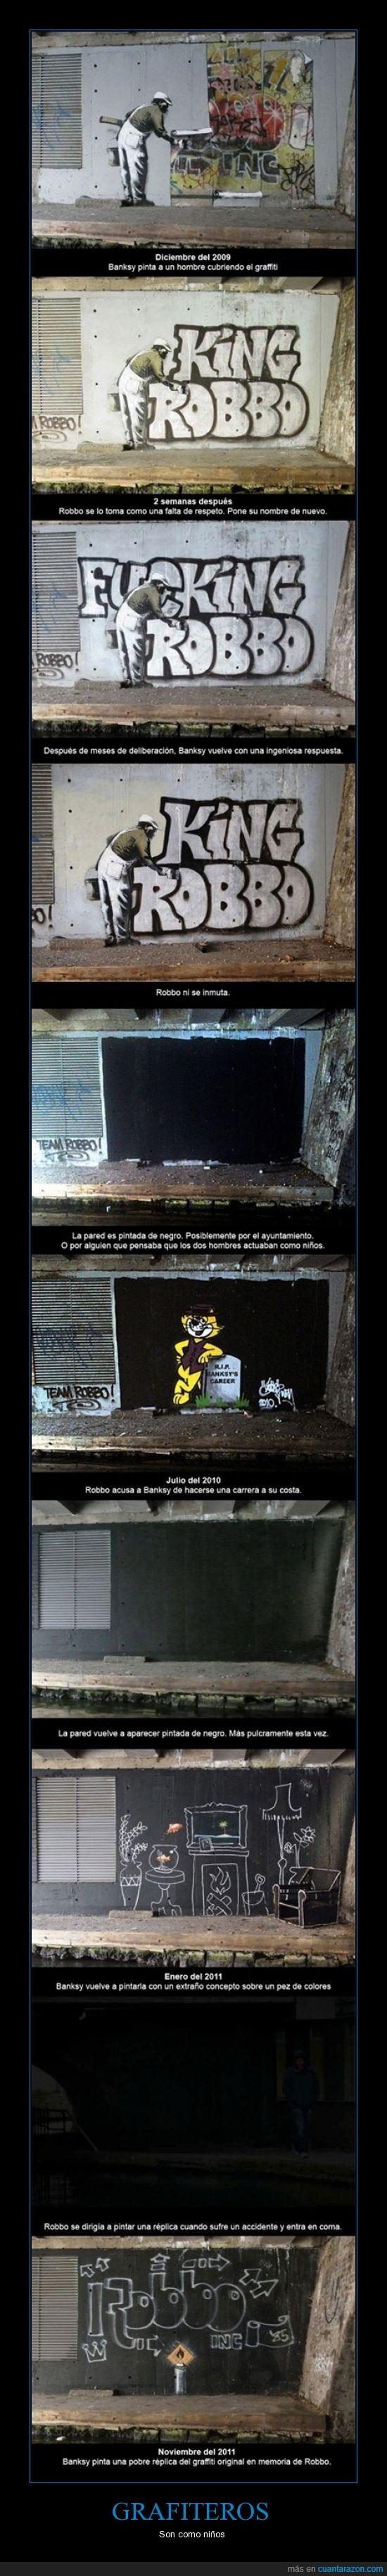 bansky,Graffiti,Grafiti,Guerra de Graffitis,Niños,pared,robbo